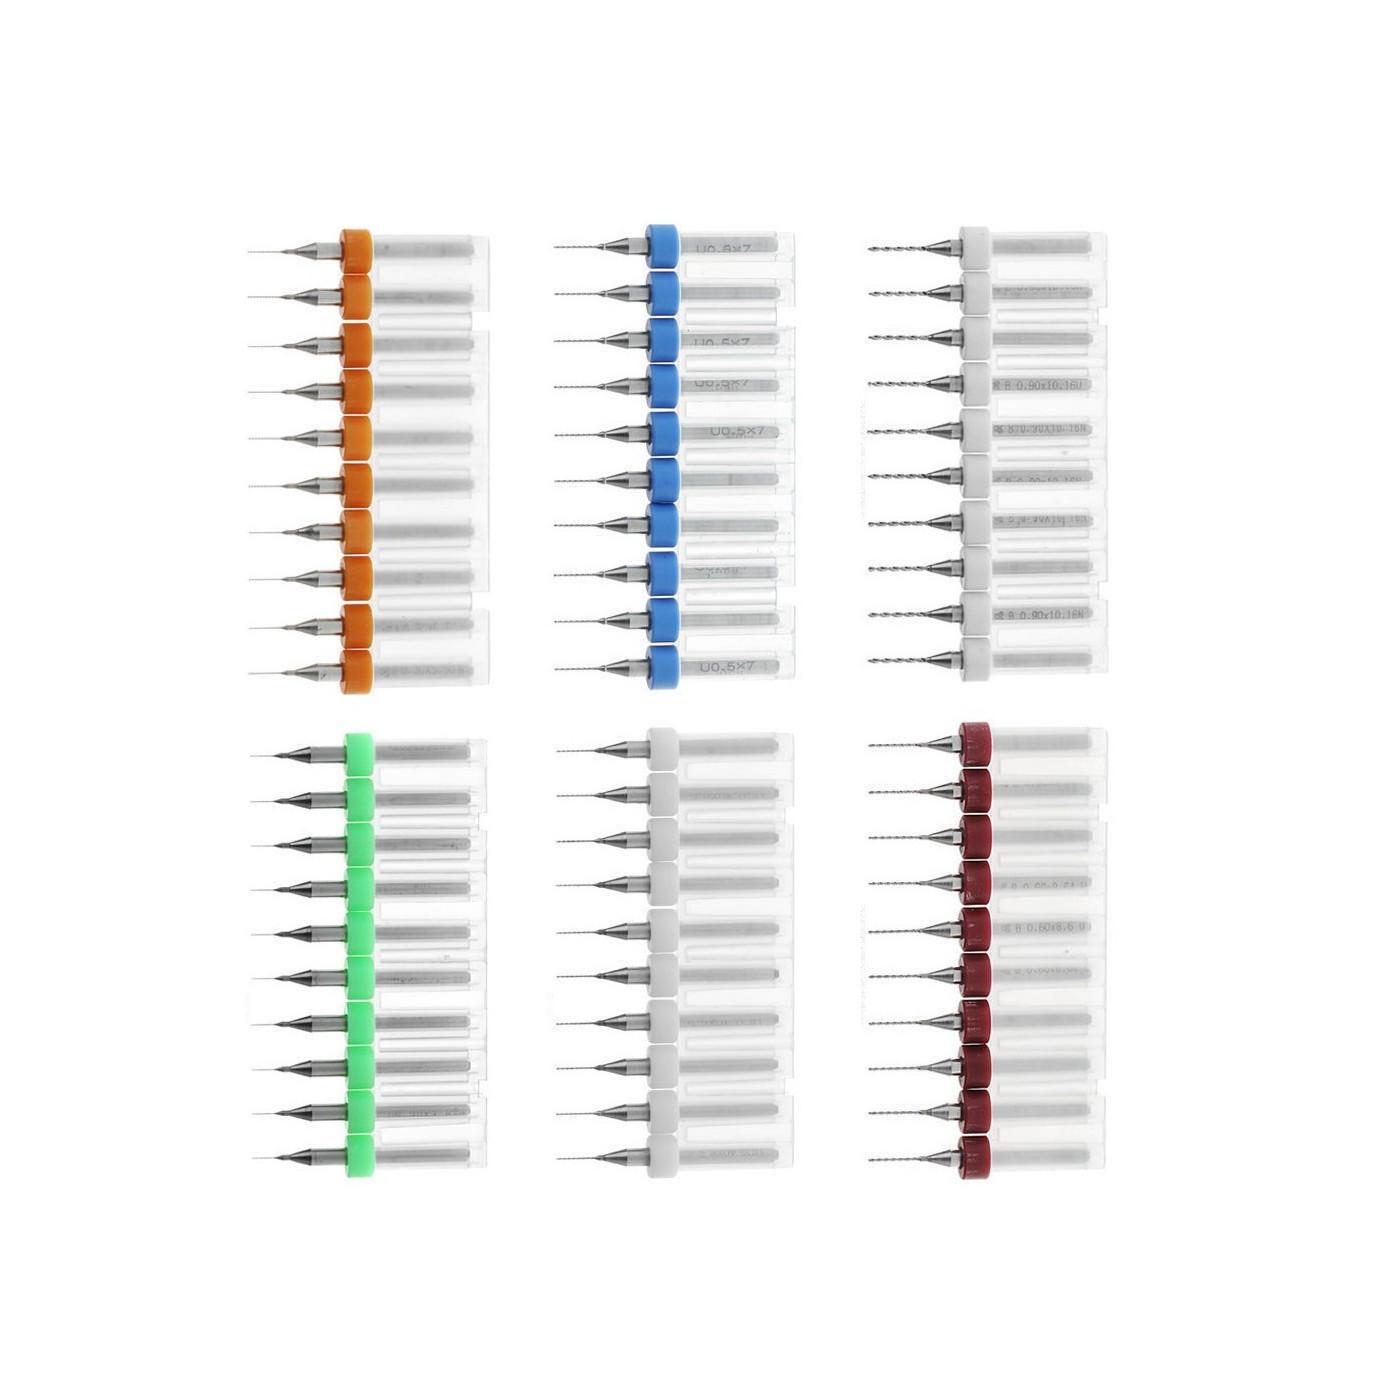 Ensemble de 10 micro forets dans une boîte (0,15 mm)